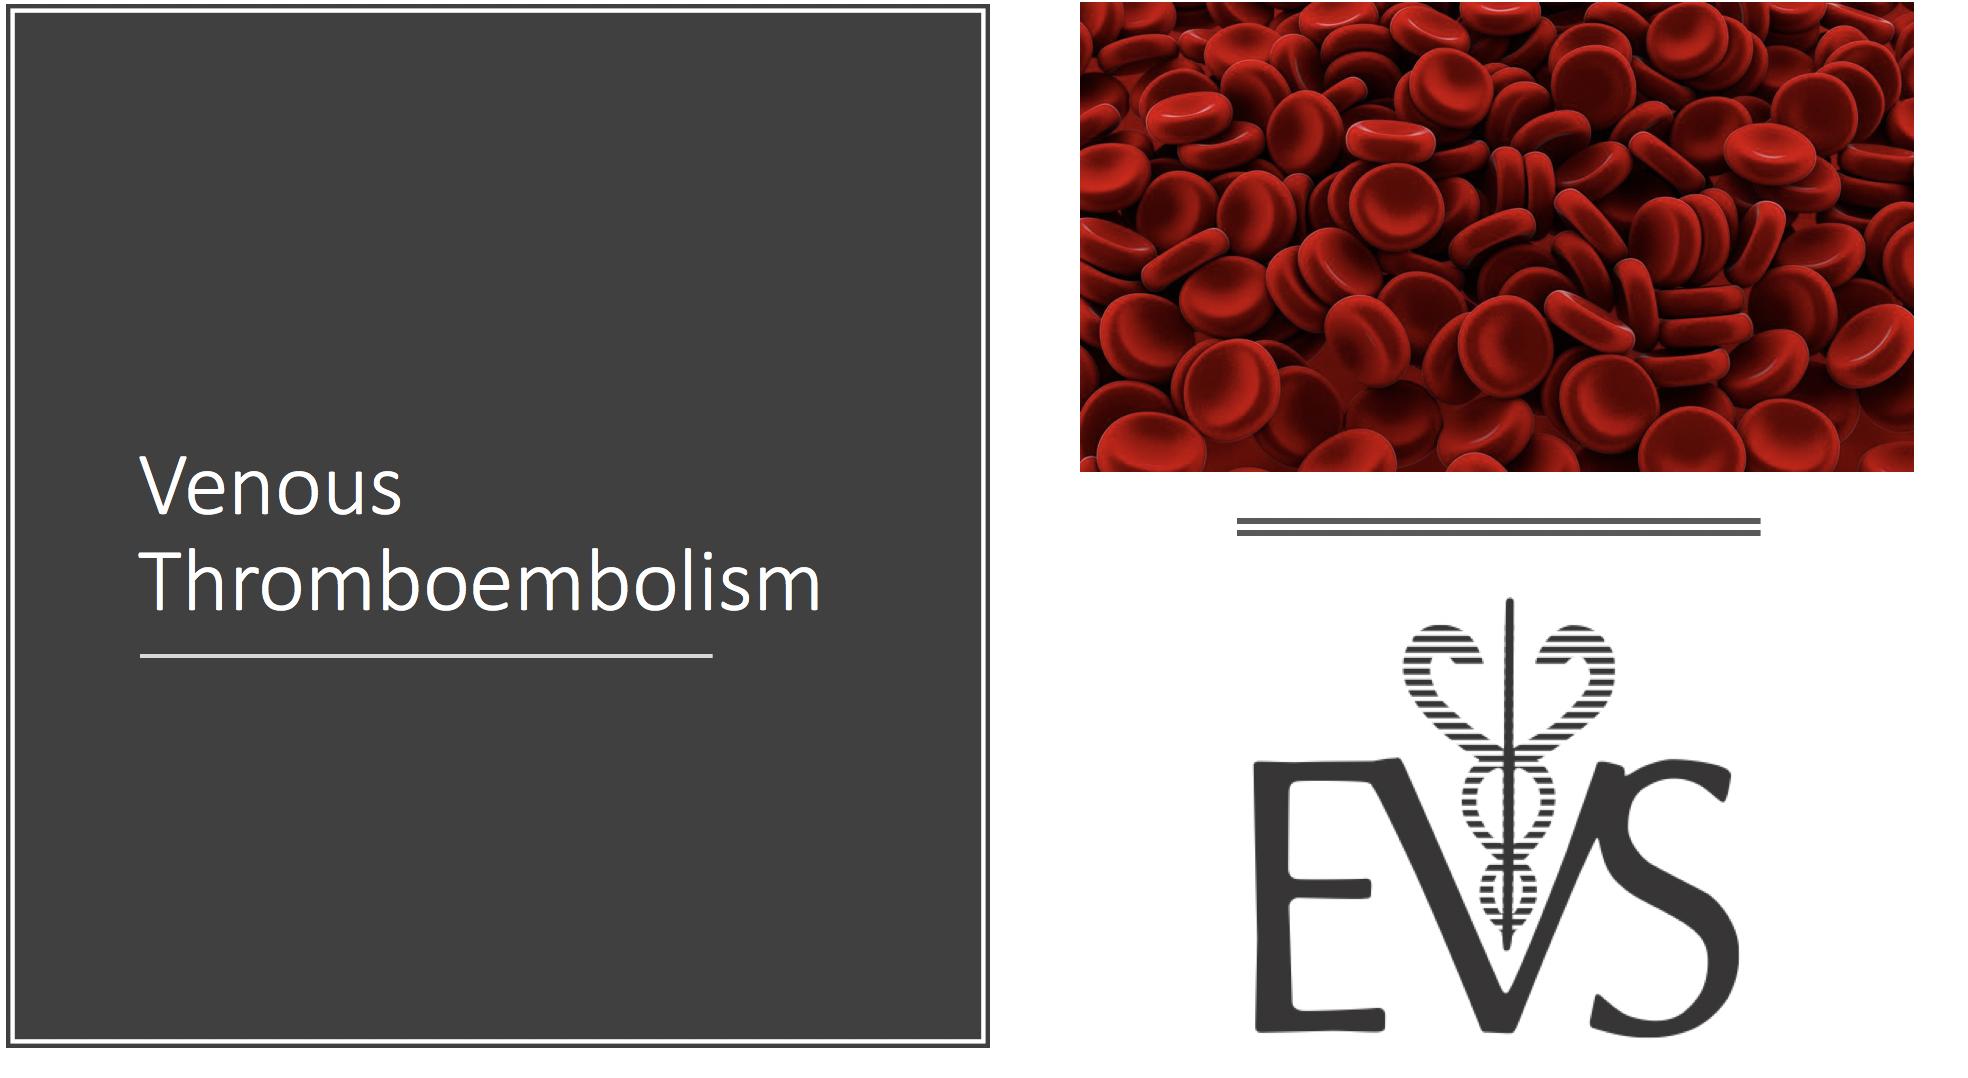 Venous thromboembolism (VTE) image